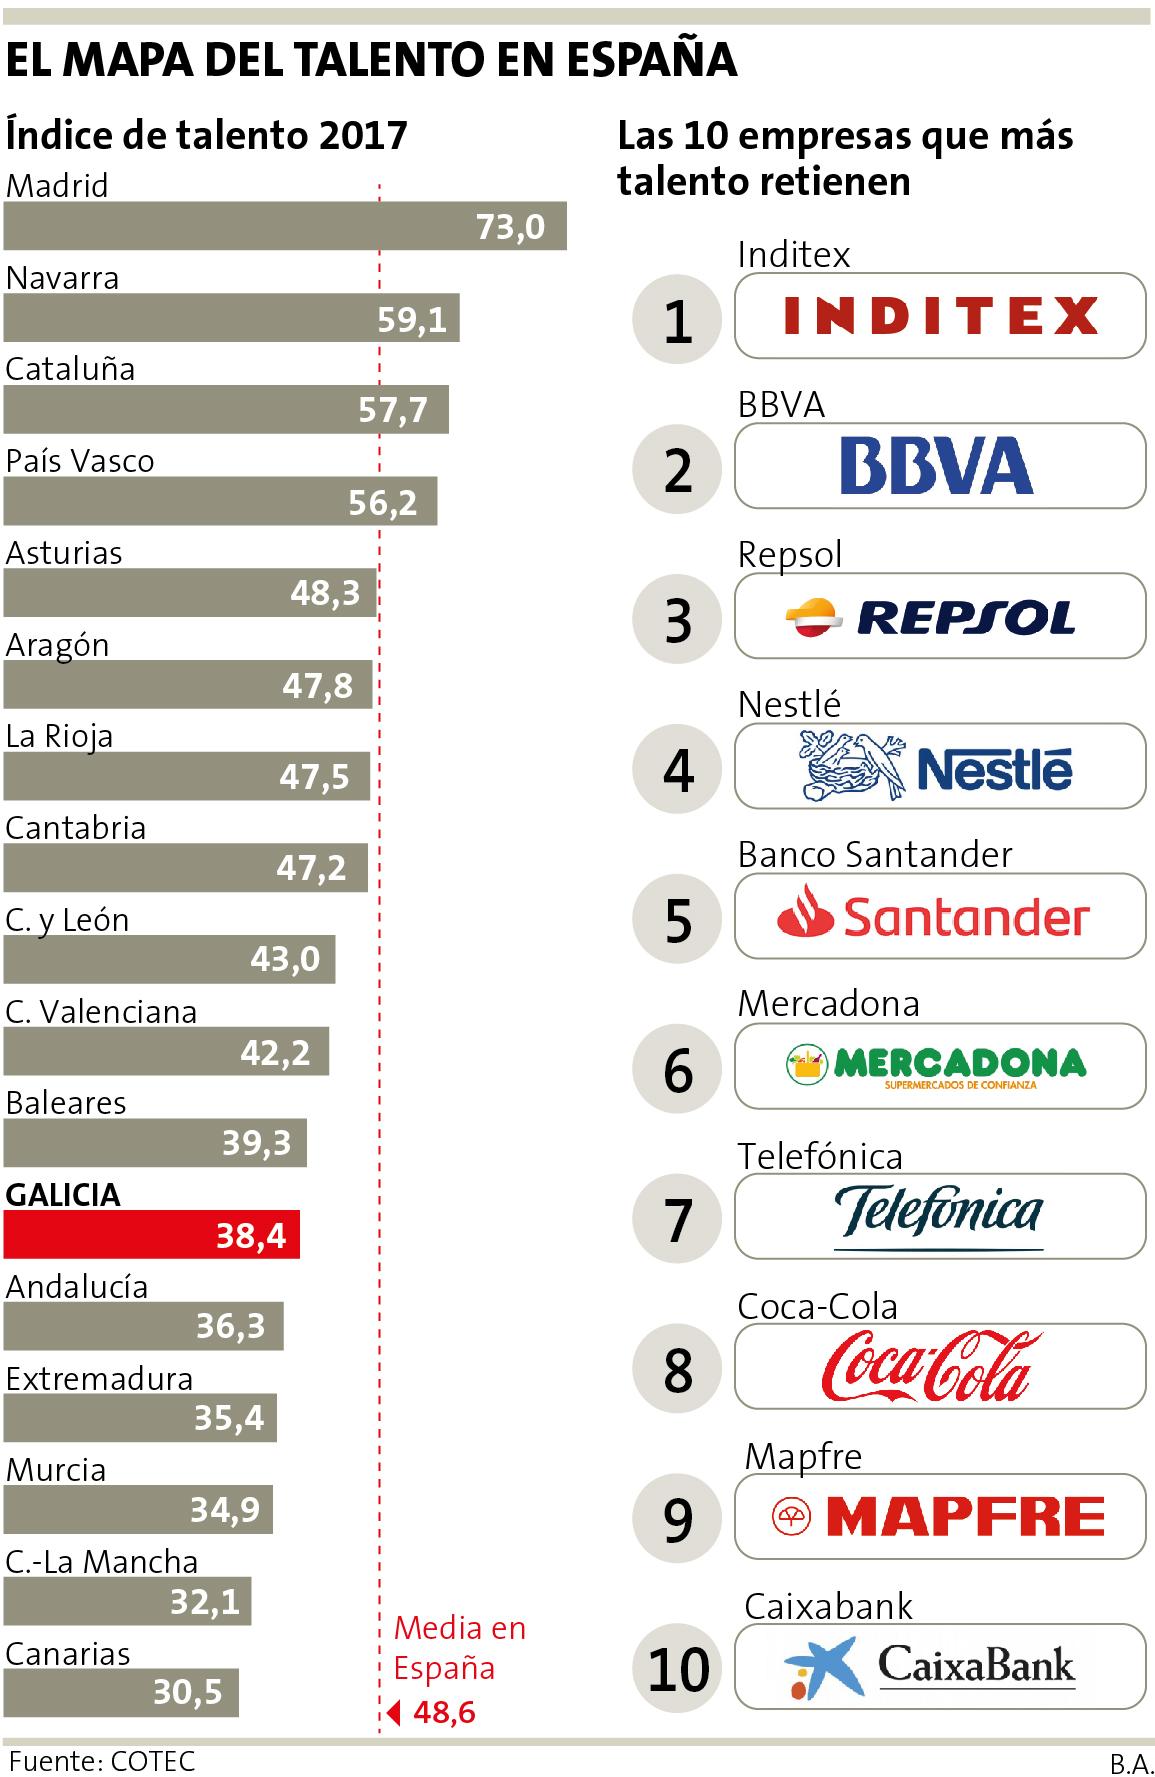 Cuatro claves para retener el talento en las empresas gallegas